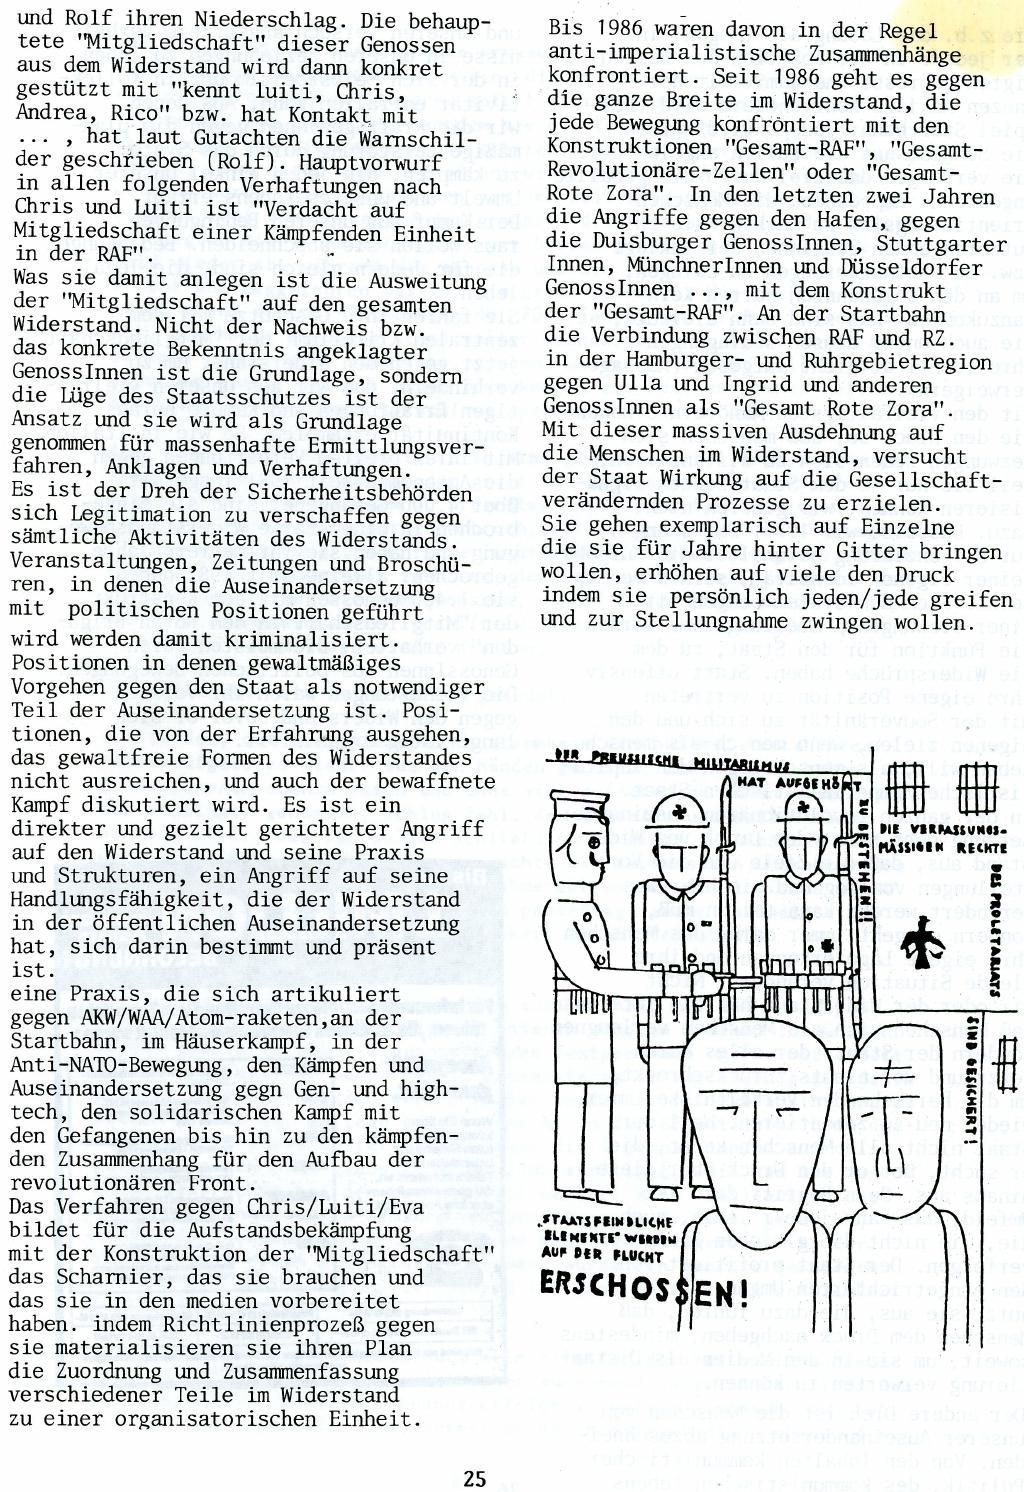 Duesseldorf_1989_Sechs_Politische_Gefangene_025